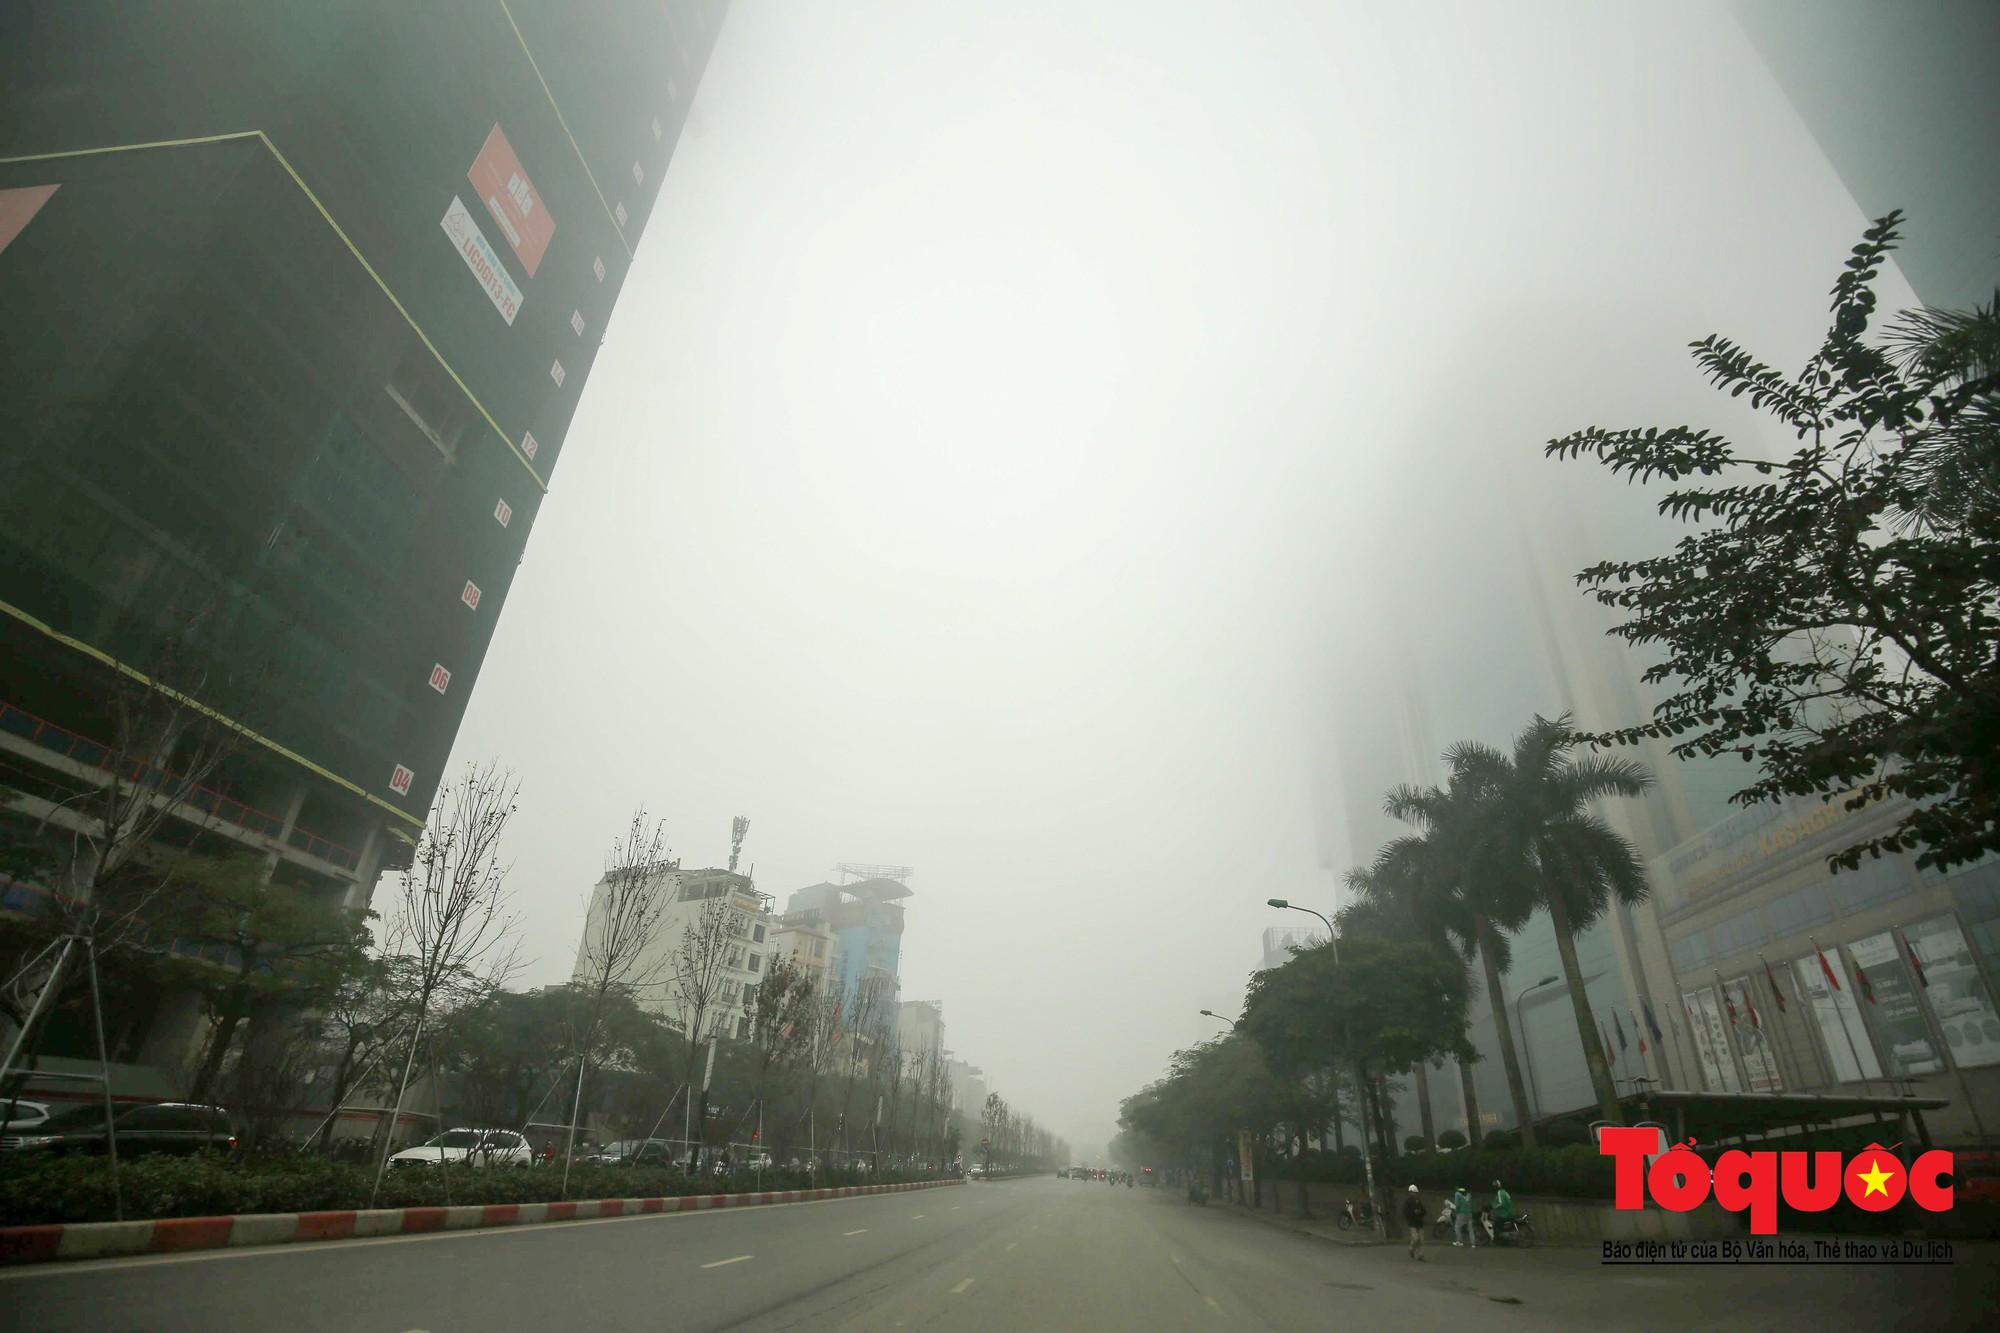 Cao ốc Hà Nội chơi ú tìm trong lớp sương mù dày đặc11